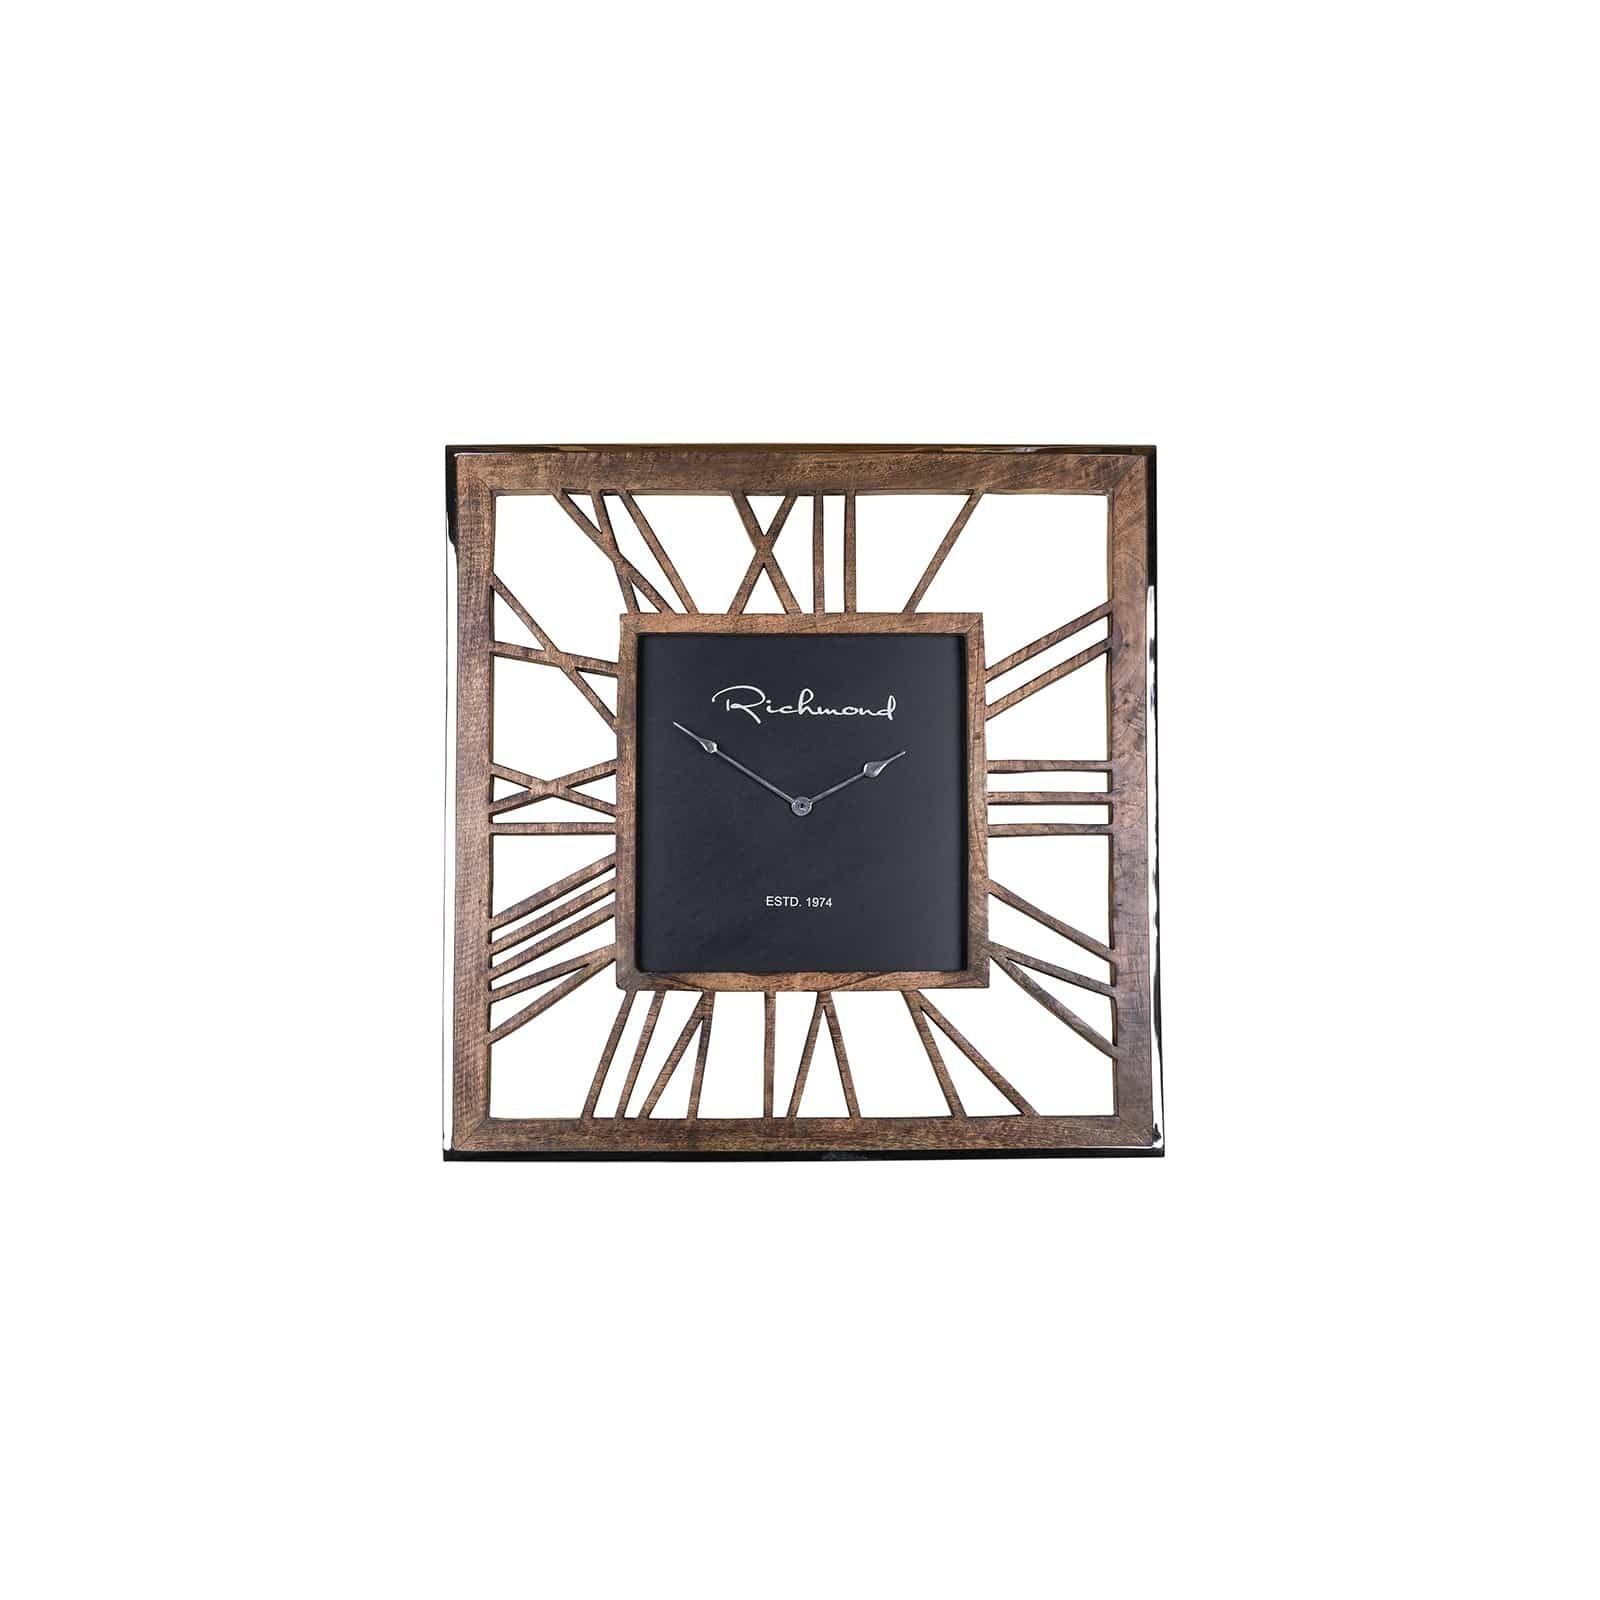 Horloge Everson metal square Horloges murales - 15